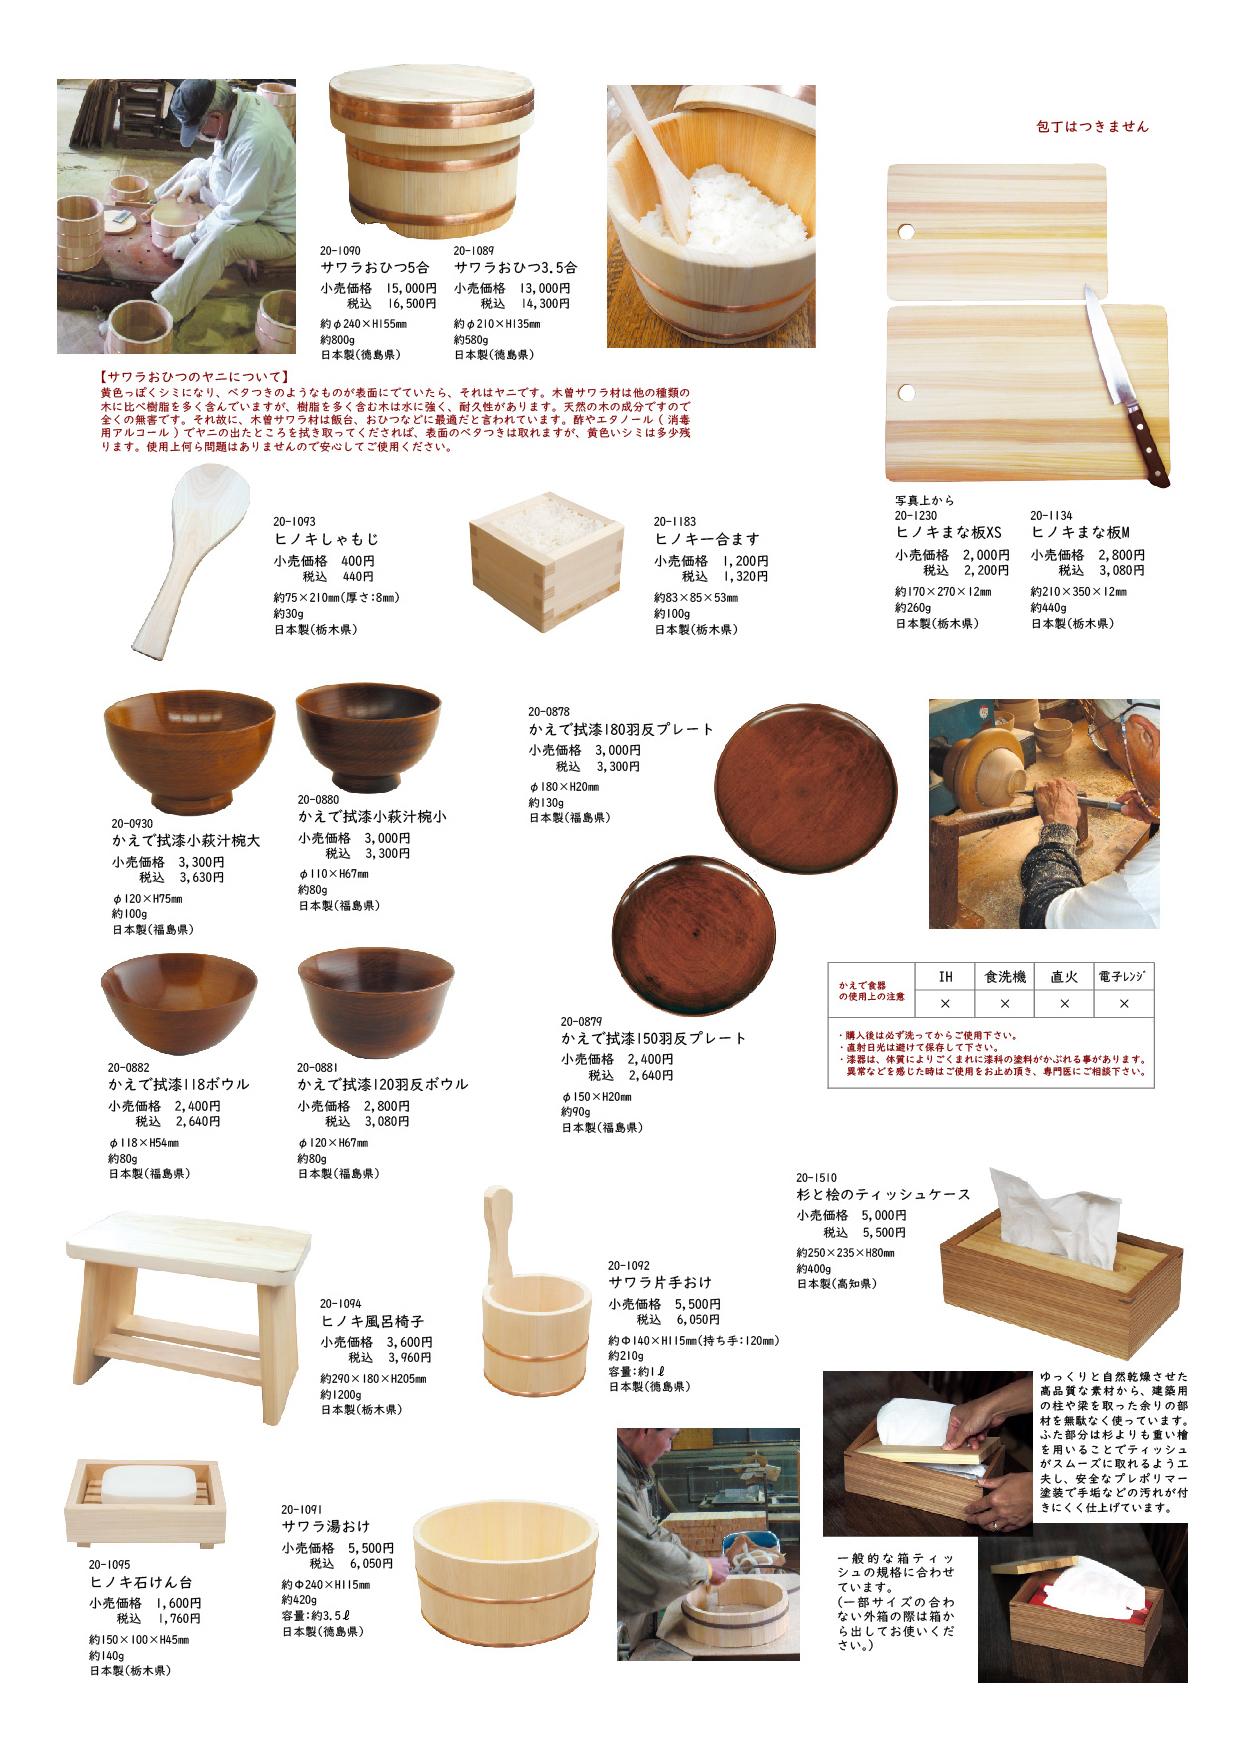 台所用品④-おひつ・漆椀・弁当箱・風呂道具-